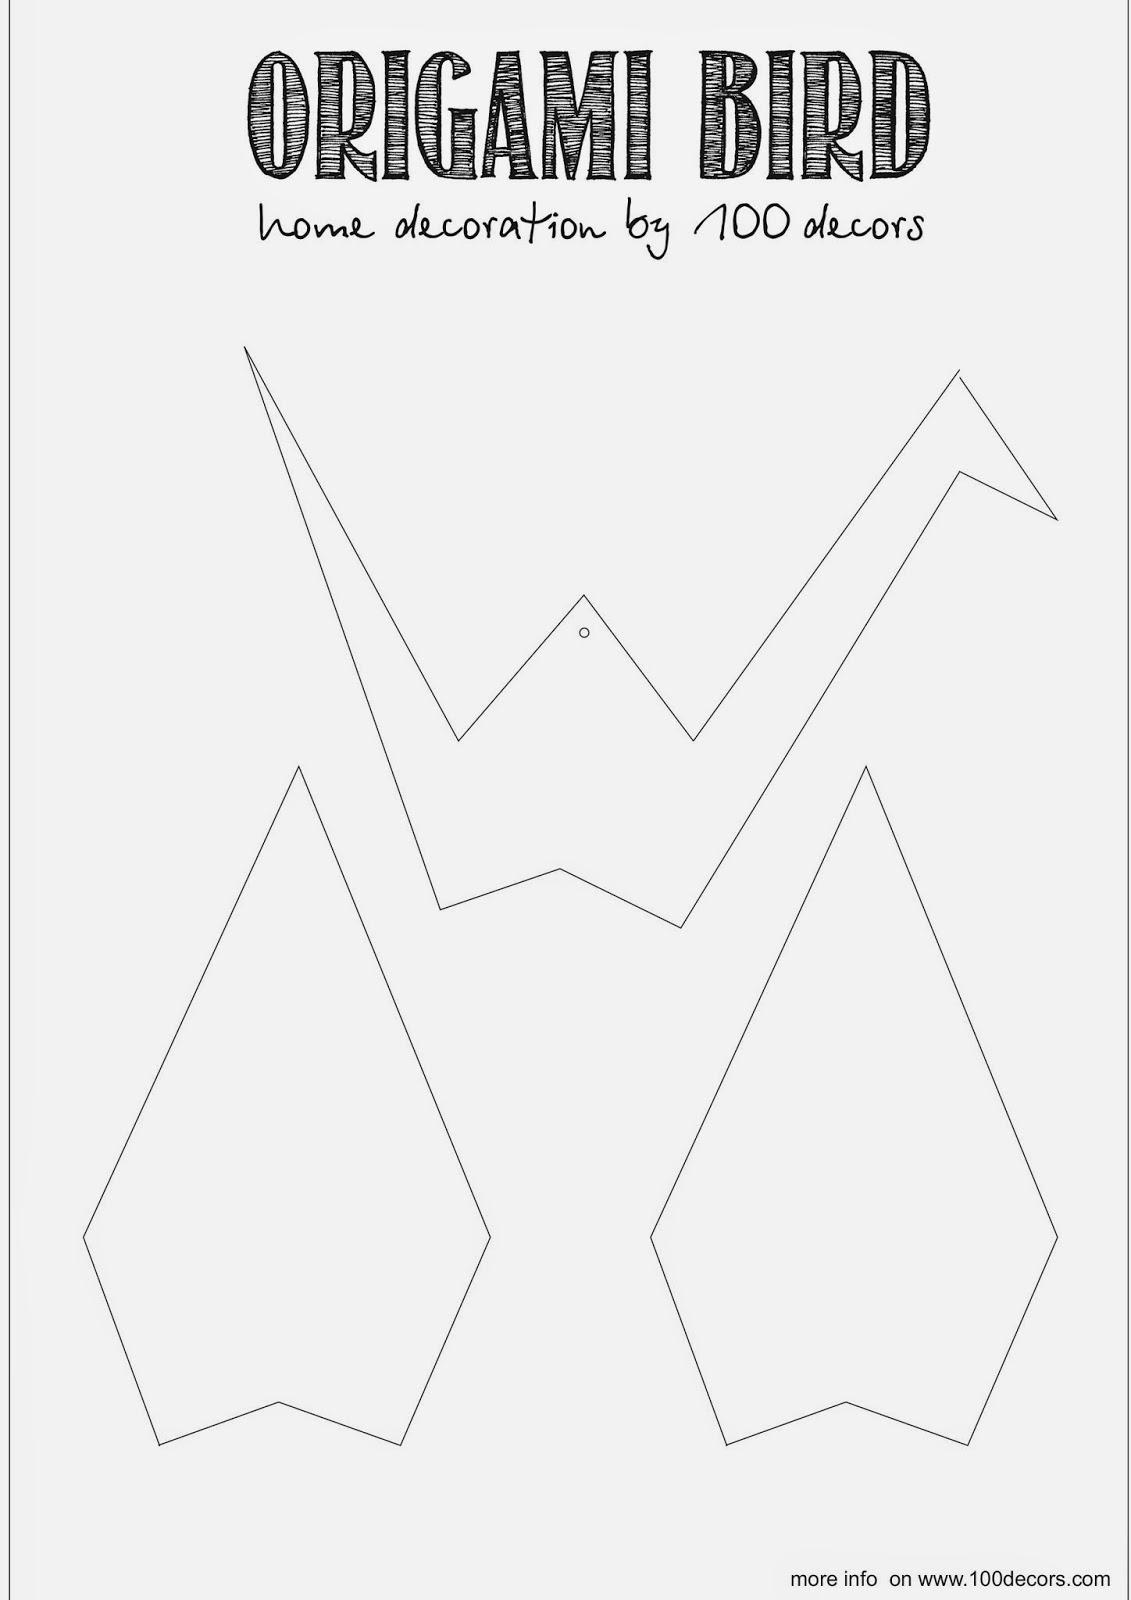 https://www.dropbox.com/s/x4zqa6wgo2bugw0/origami%20bird.pdf